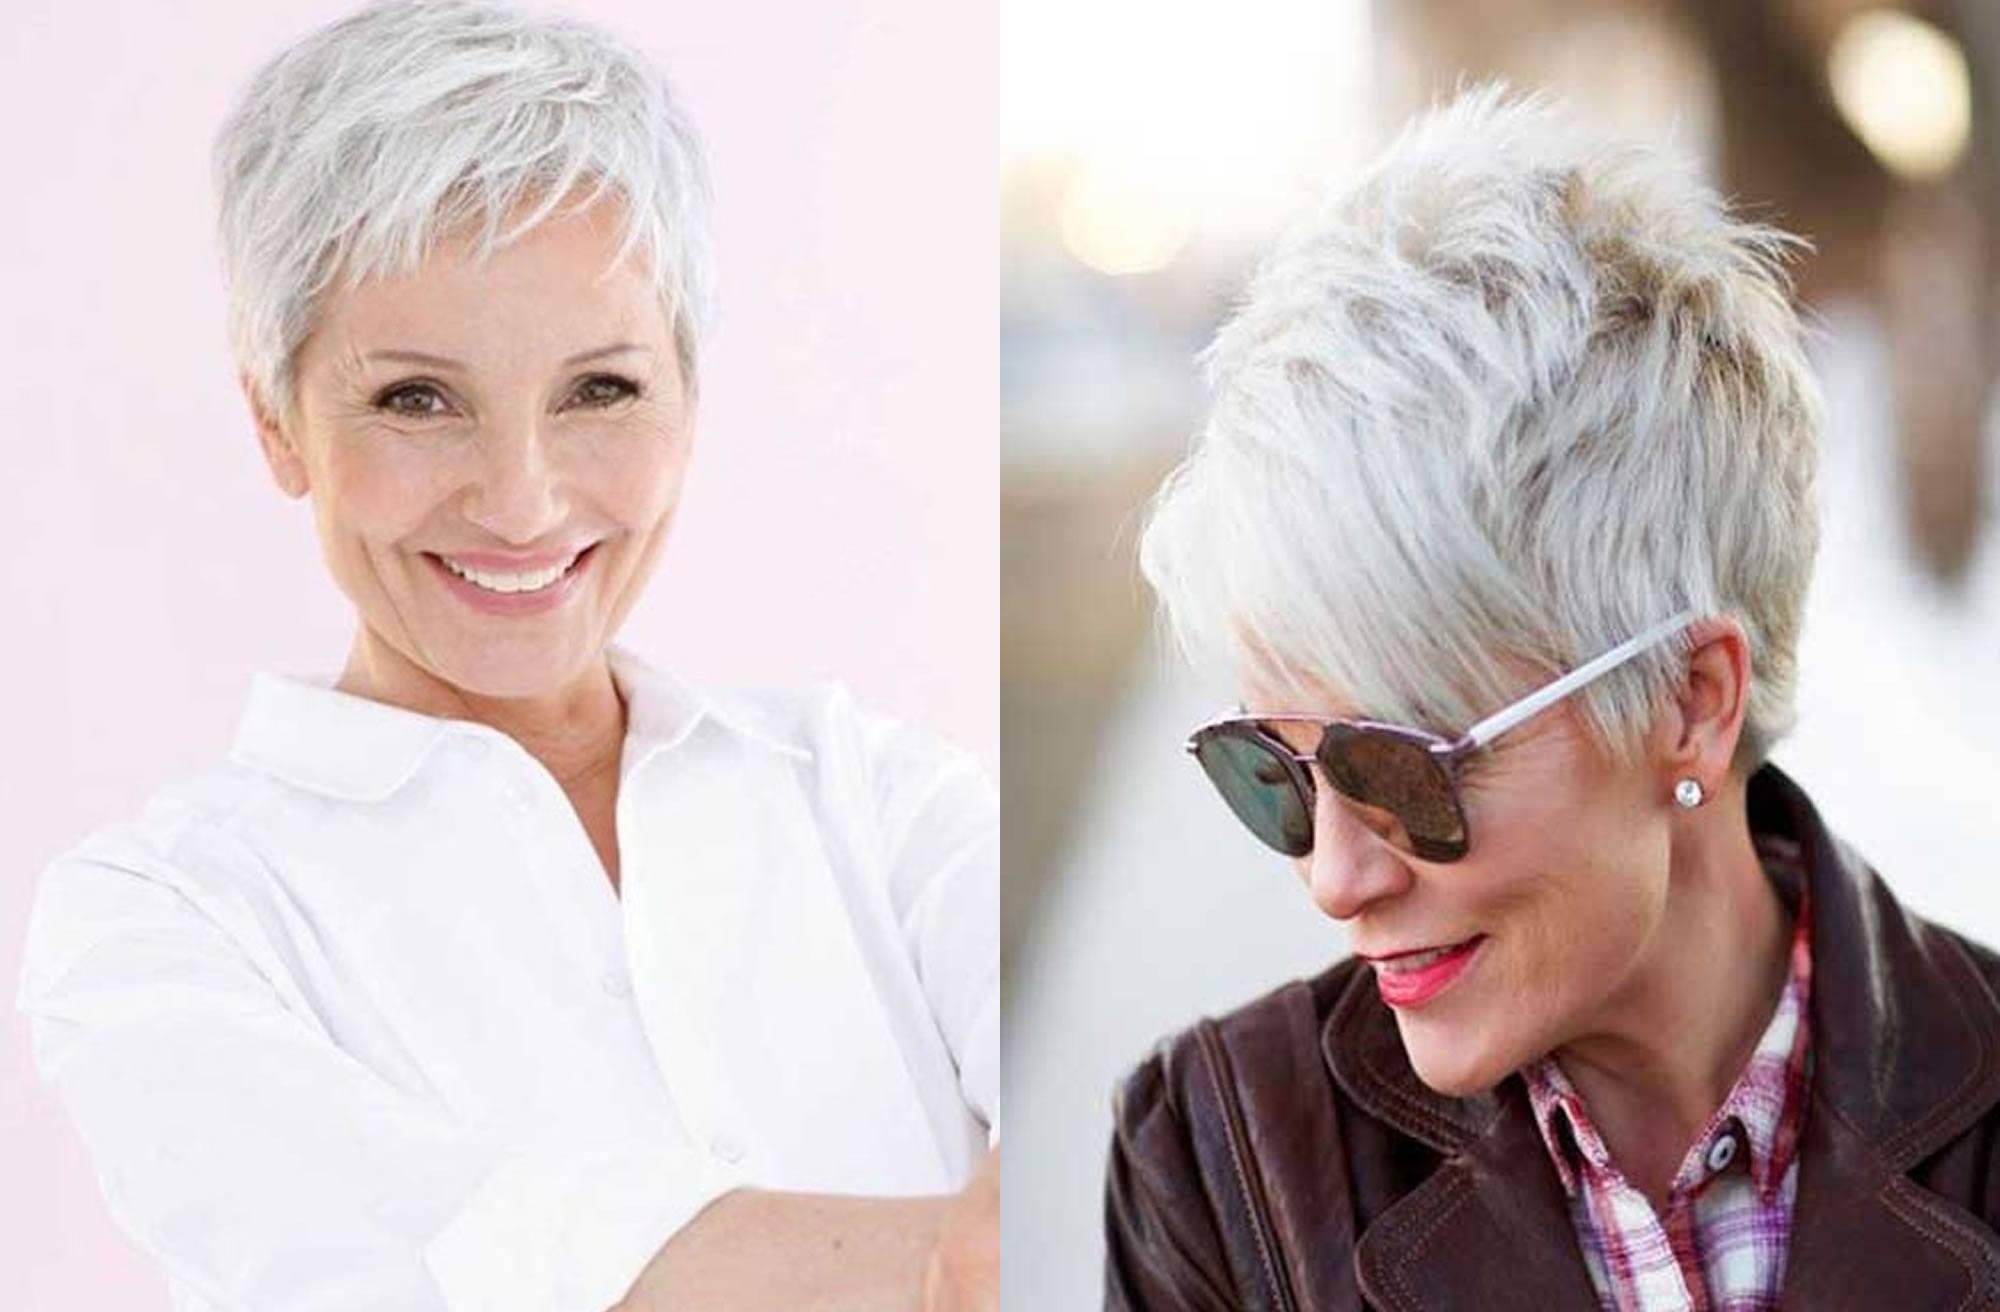 современные стрижки для женщин 40 лет фото